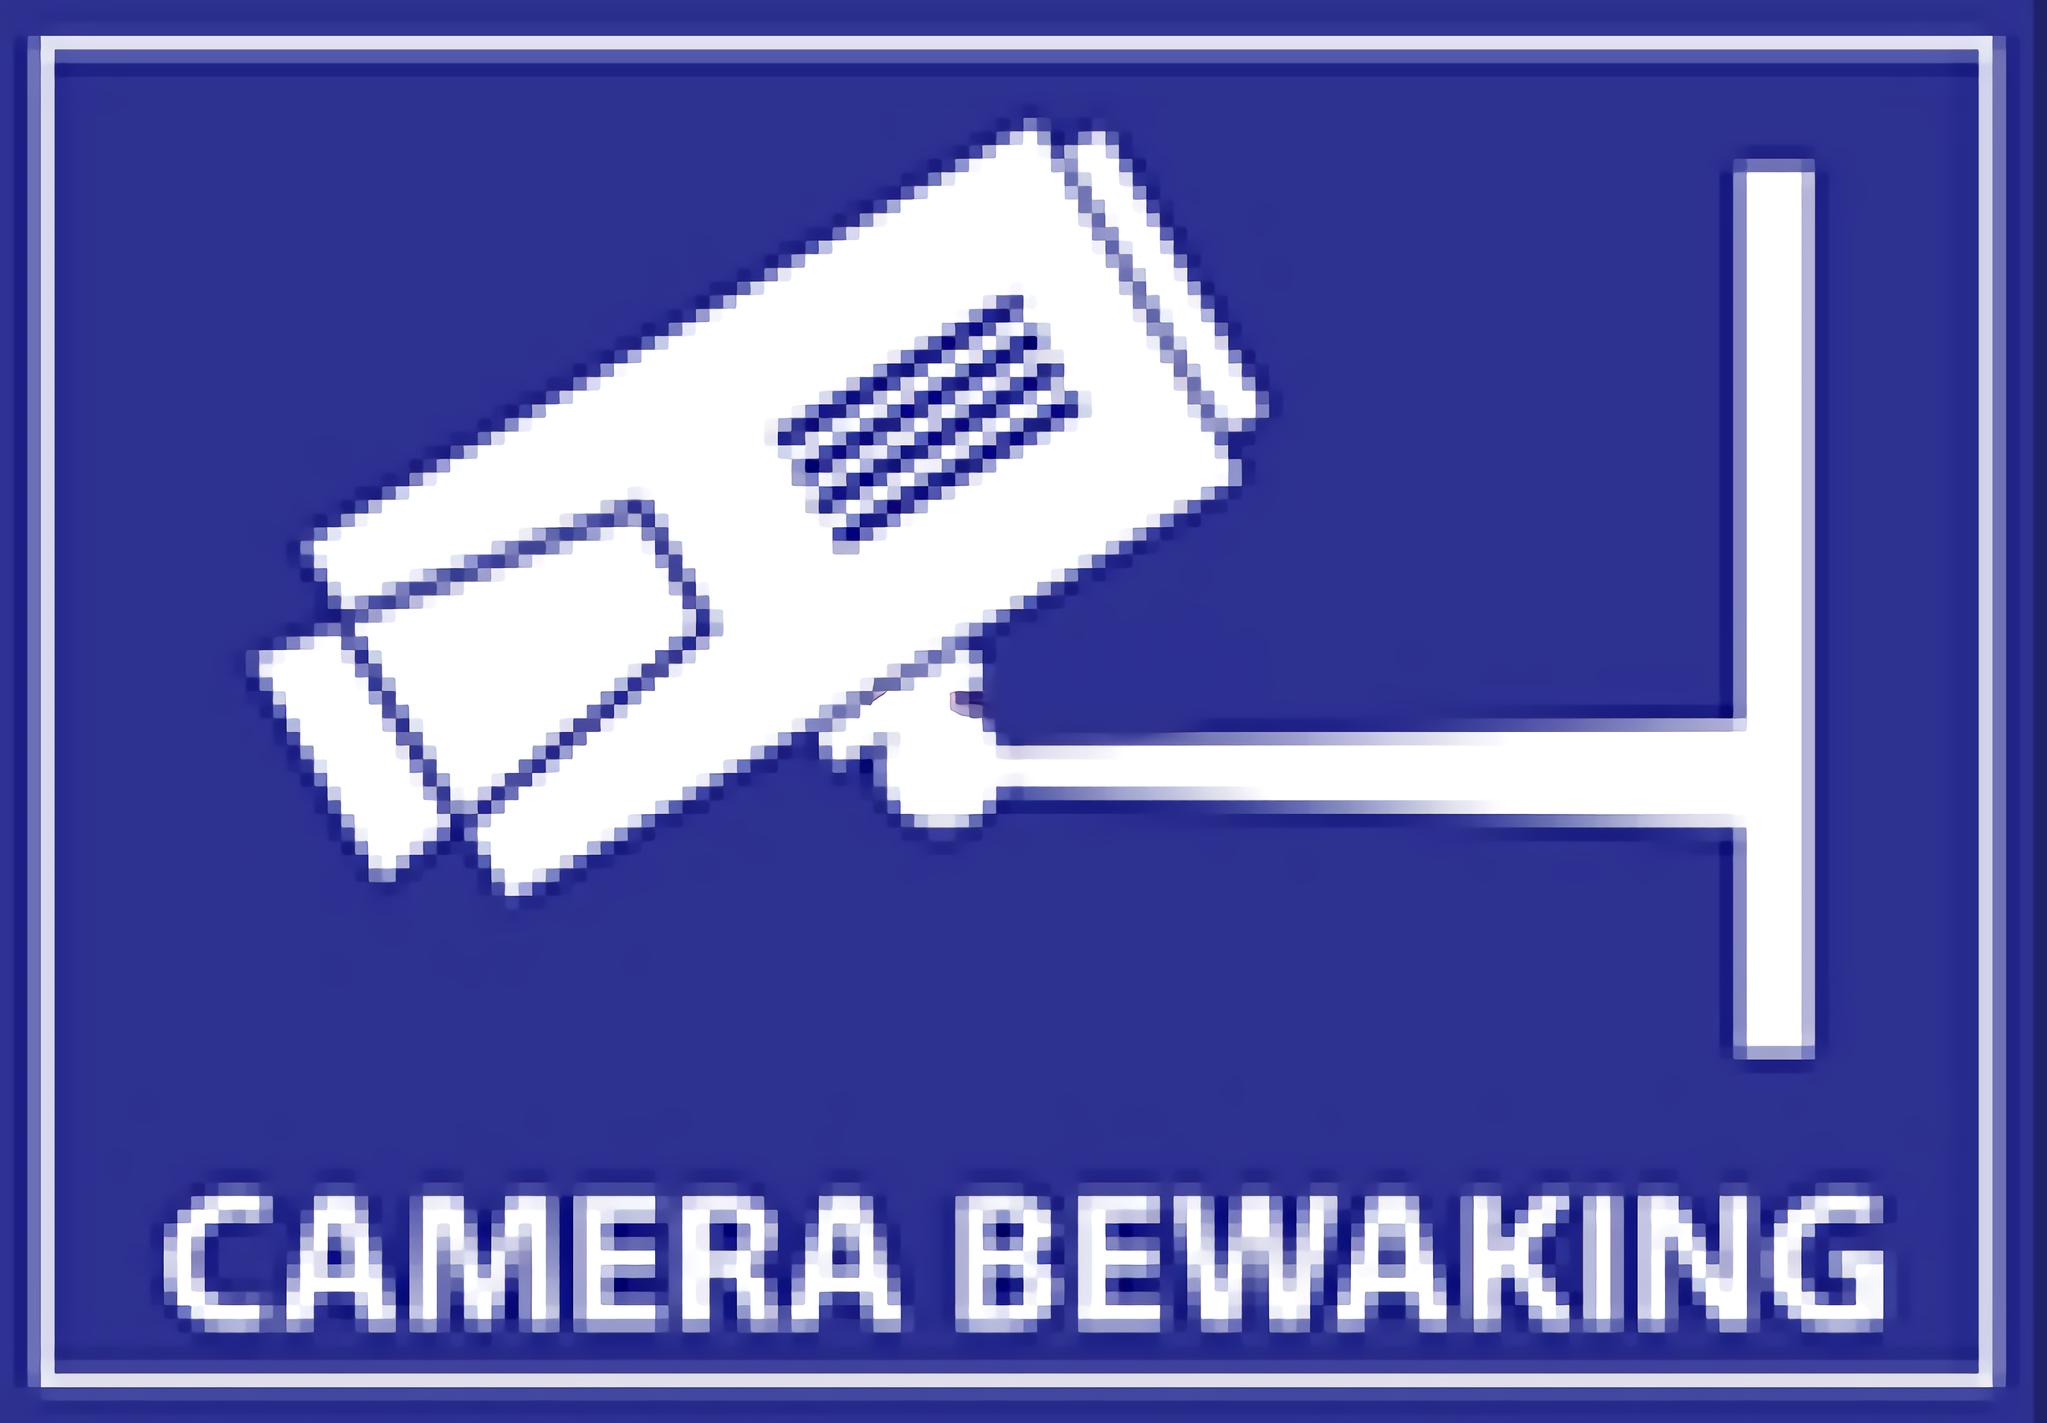 Dirigez vos caméras de surveillance vers les clients, les employés et les passants. Cet autocollant d'avertissement professionnel dissuade et peut donc éviter beaucoup de désagréments. Les autocollants sont à simple face et résistants aux intempéries.